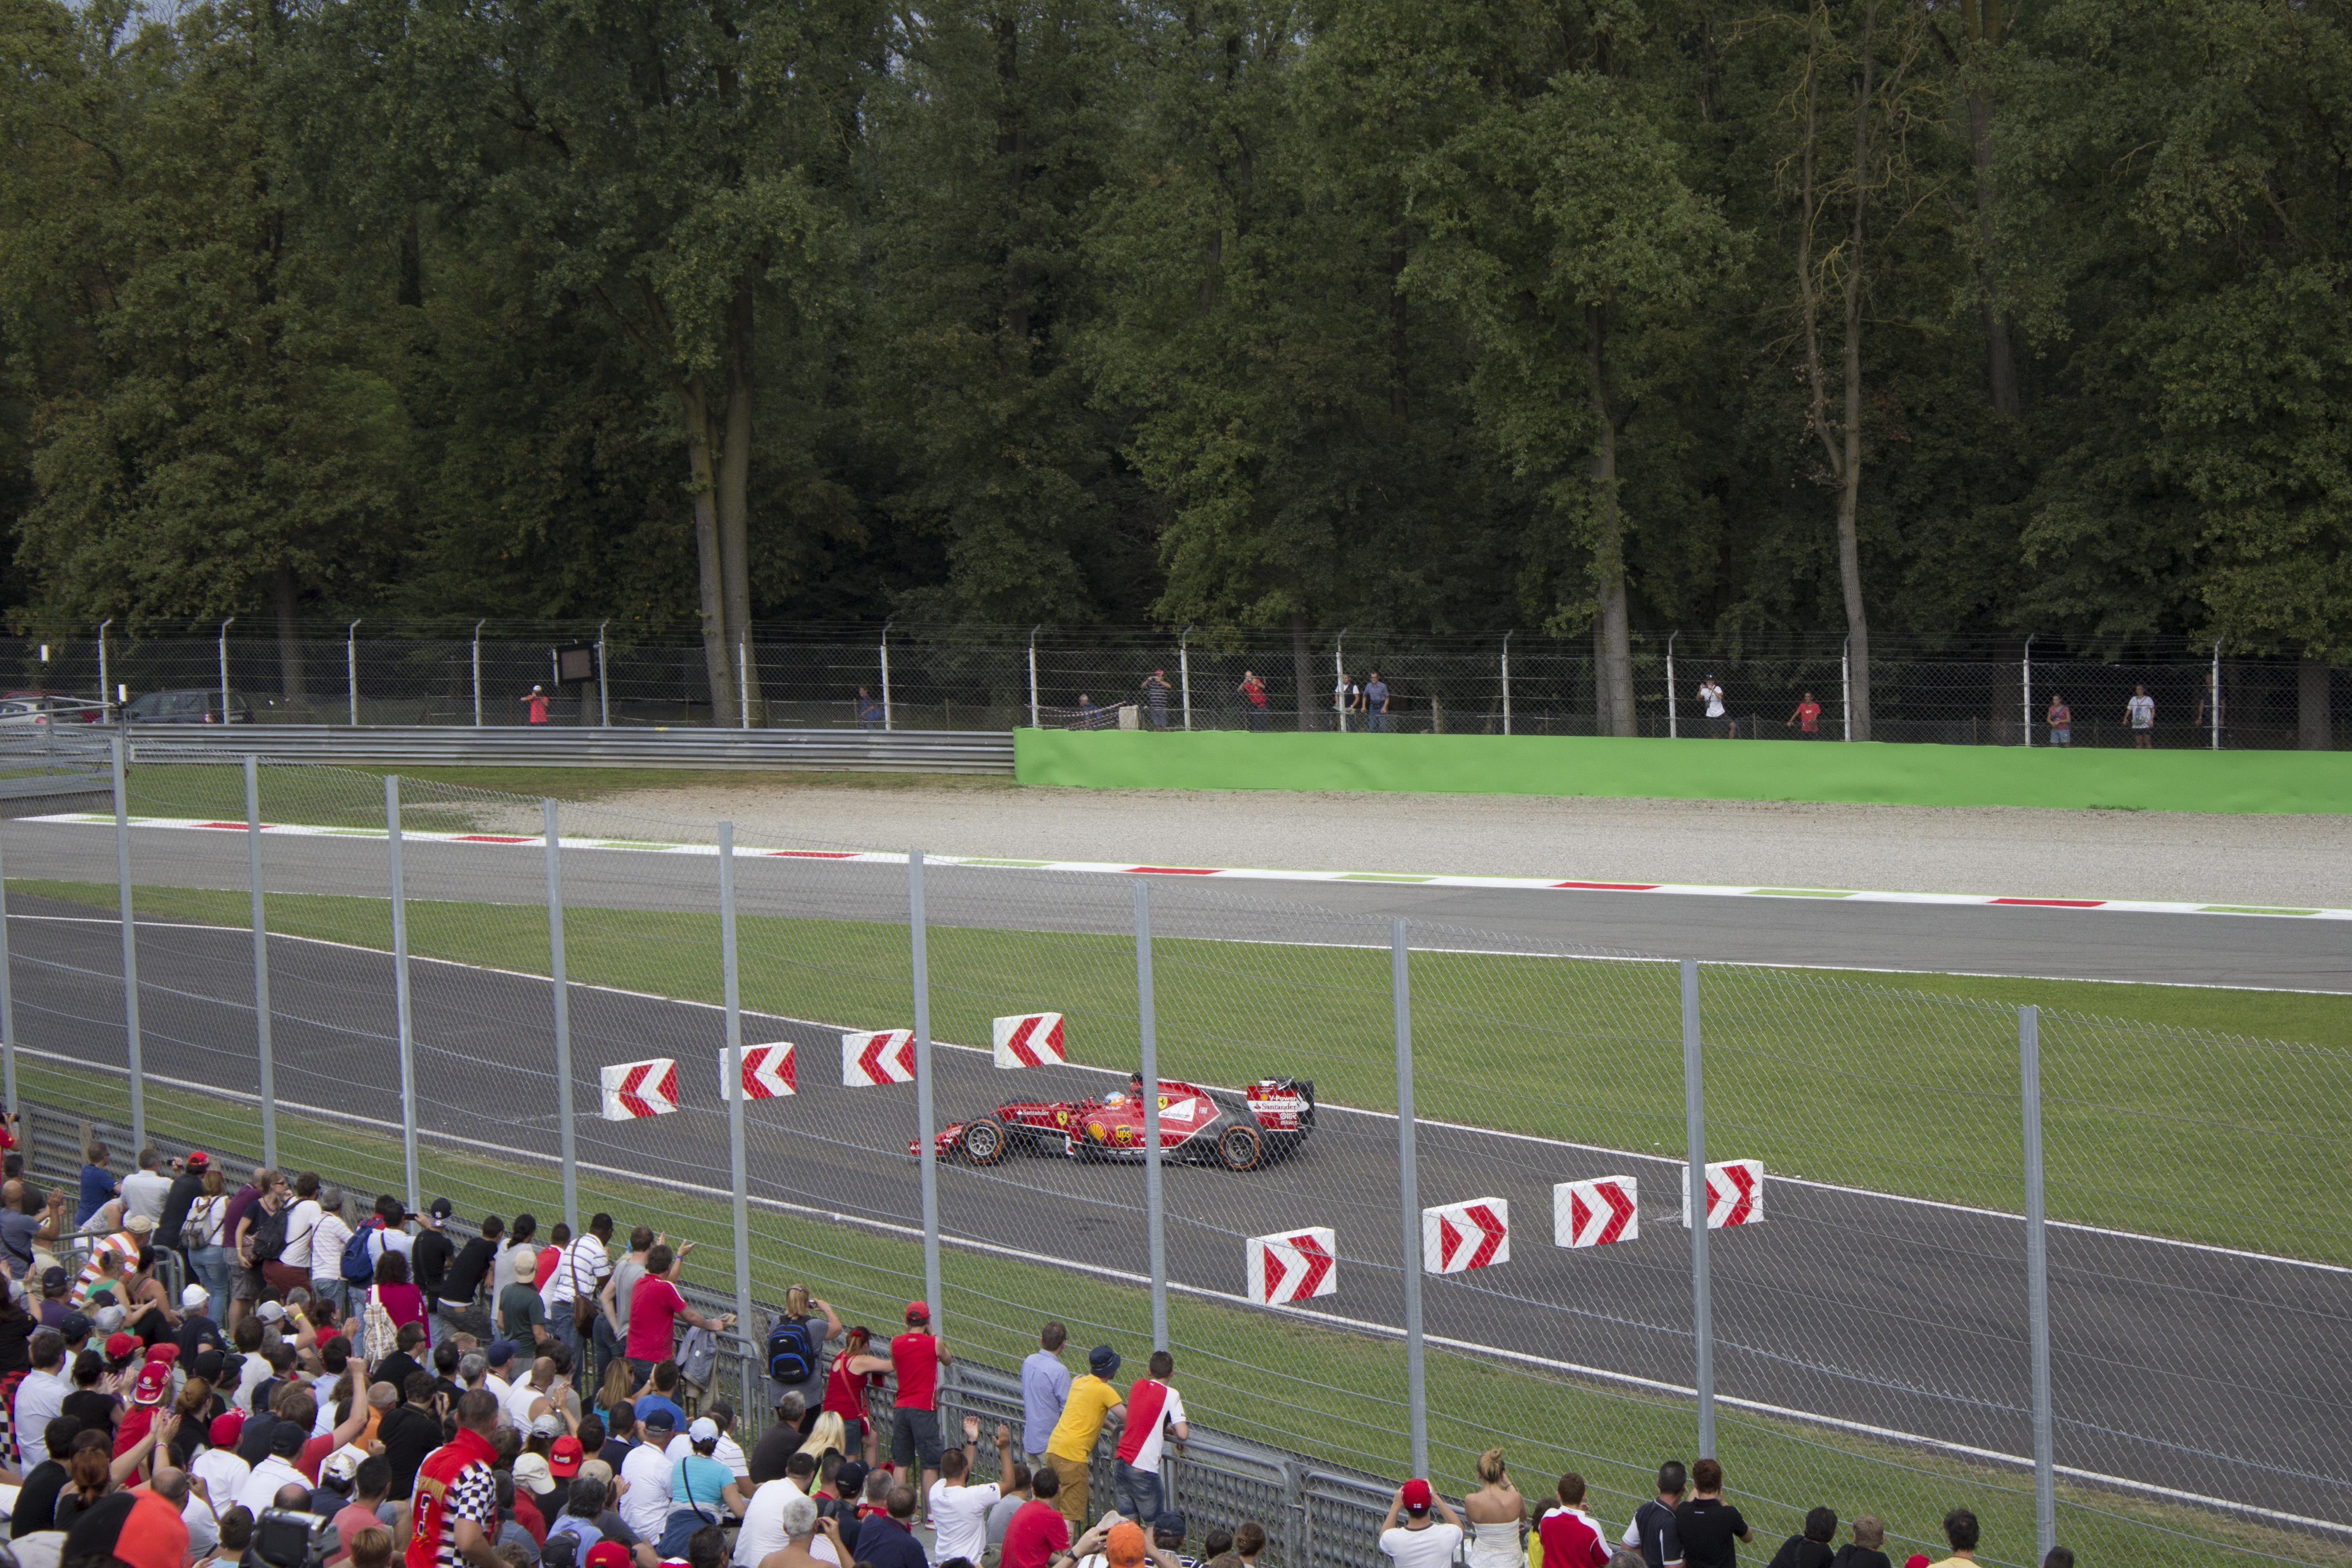 Grande Prêmio de Fórmula 1 em Monza